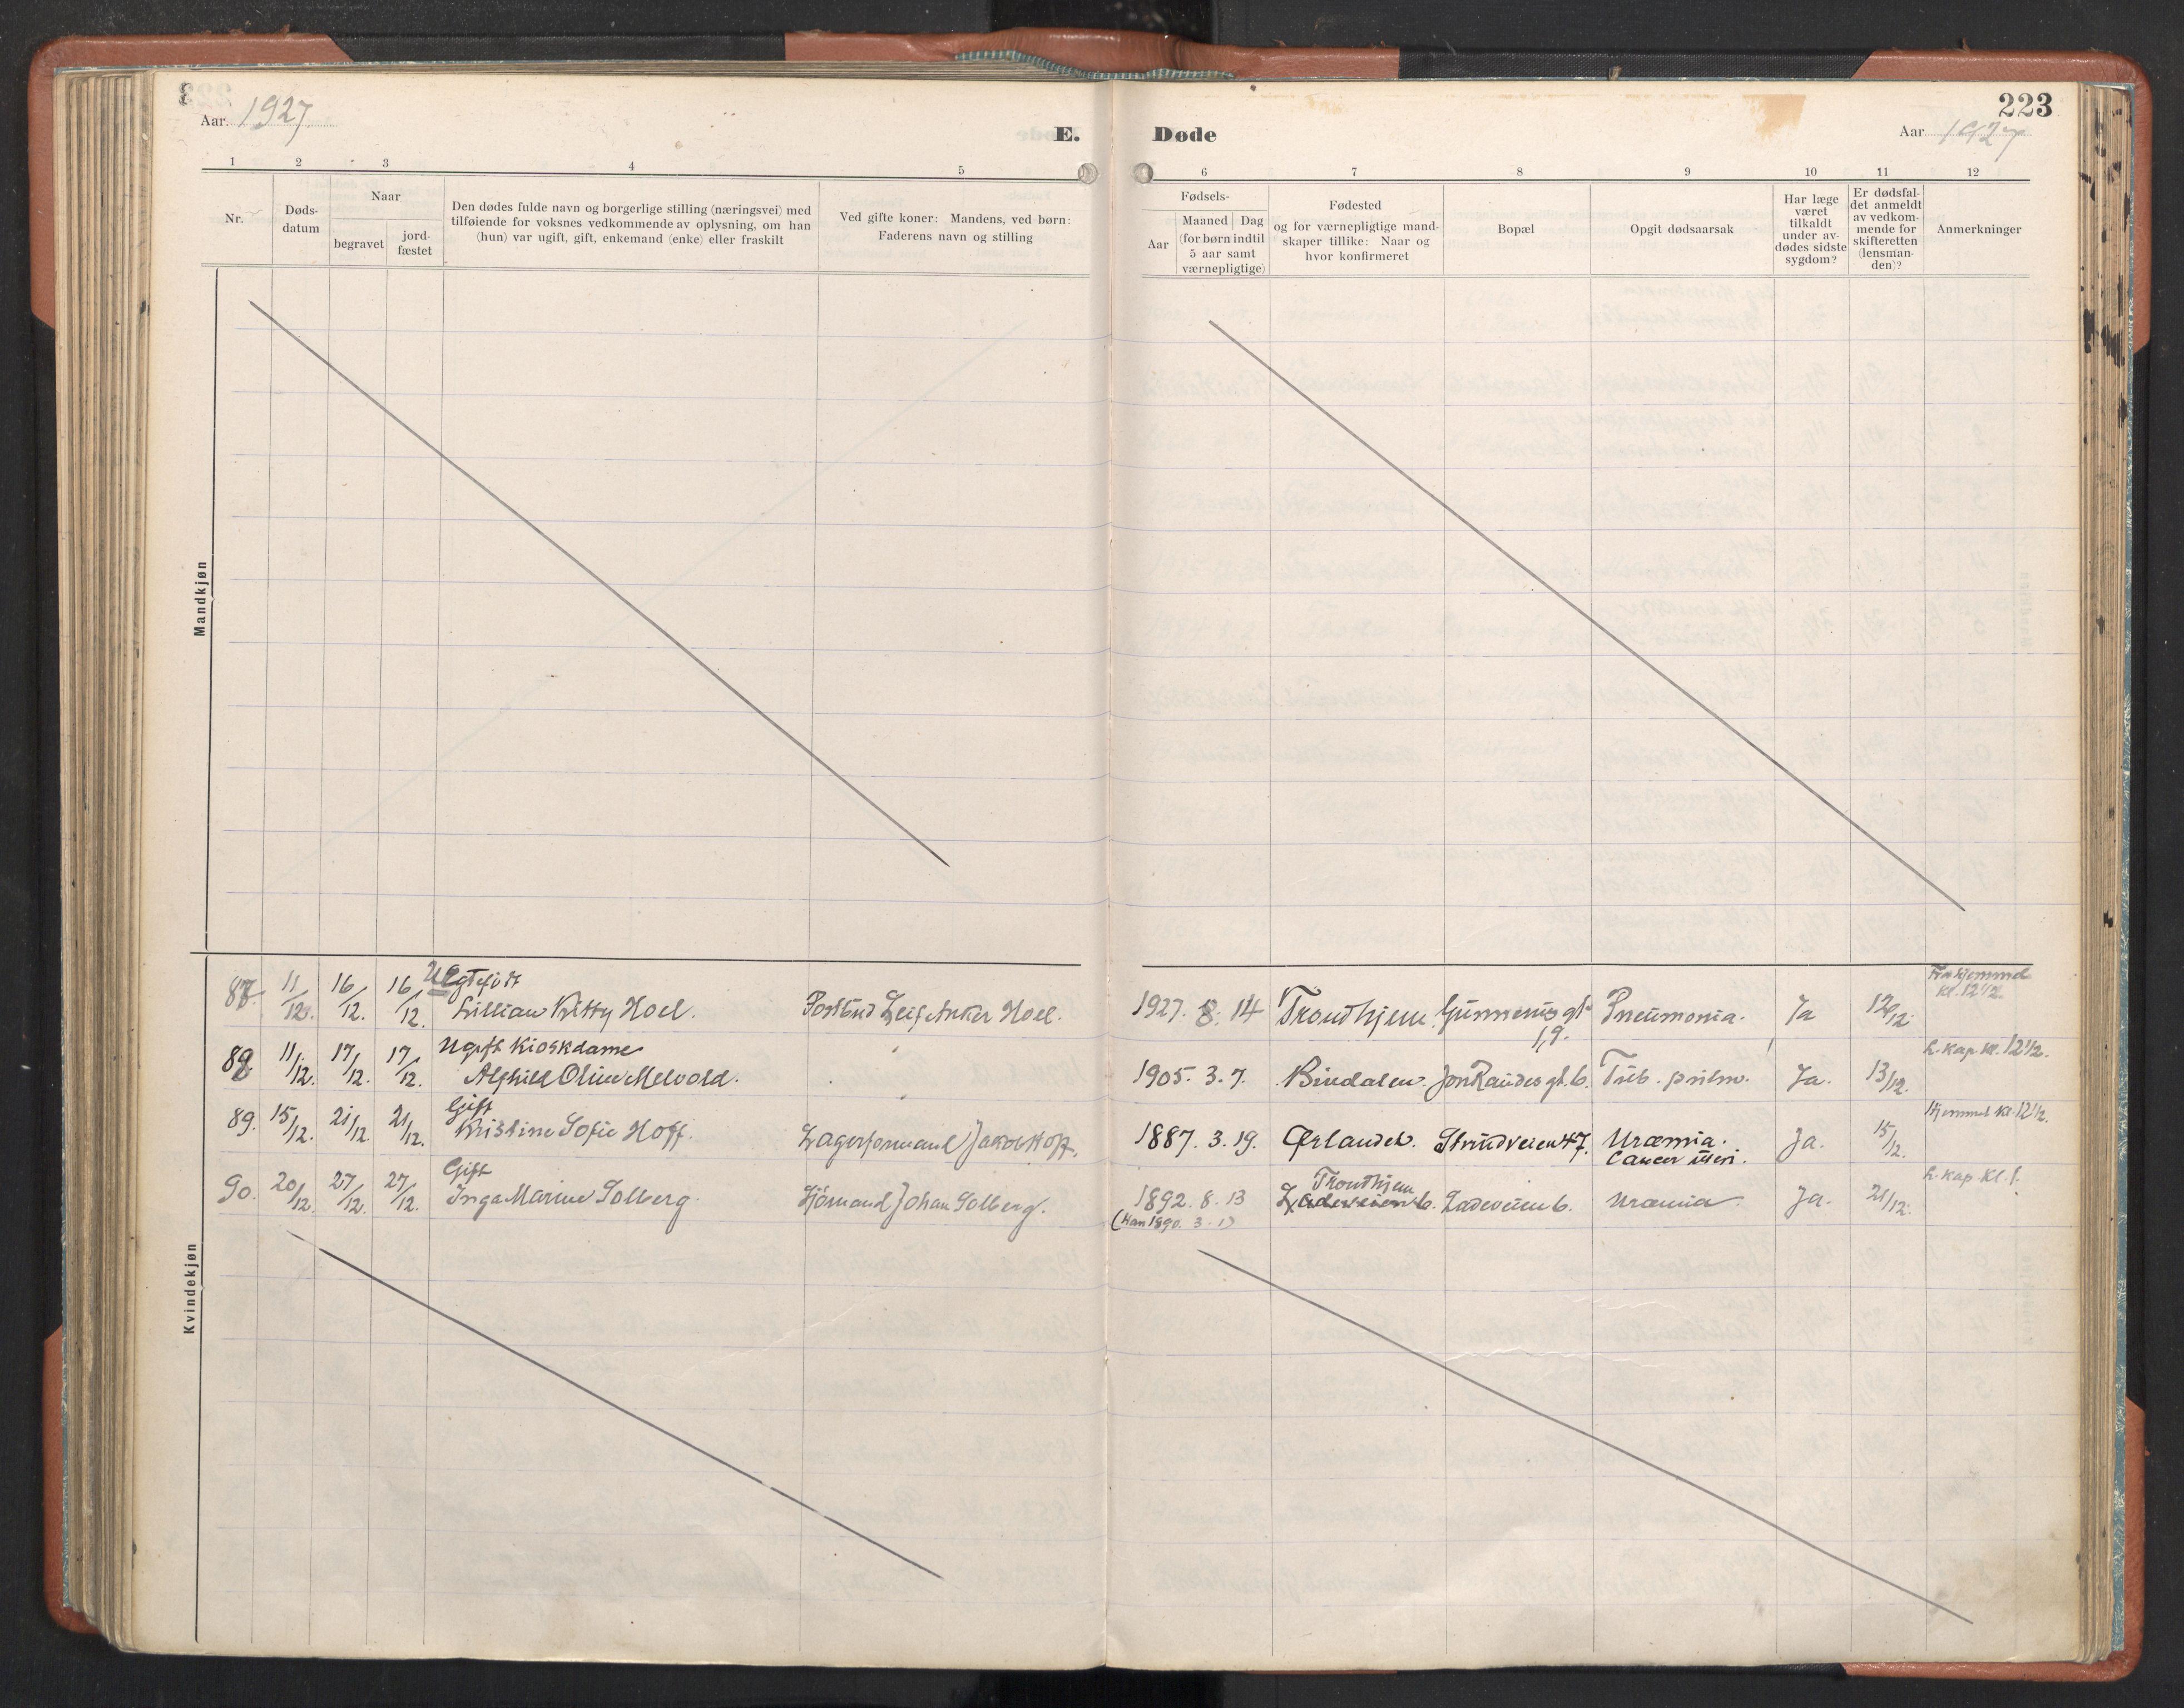 SAT, Ministerialprotokoller, klokkerbøker og fødselsregistre - Sør-Trøndelag, 605/L0245: Ministerialbok nr. 605A07, 1916-1938, s. 223